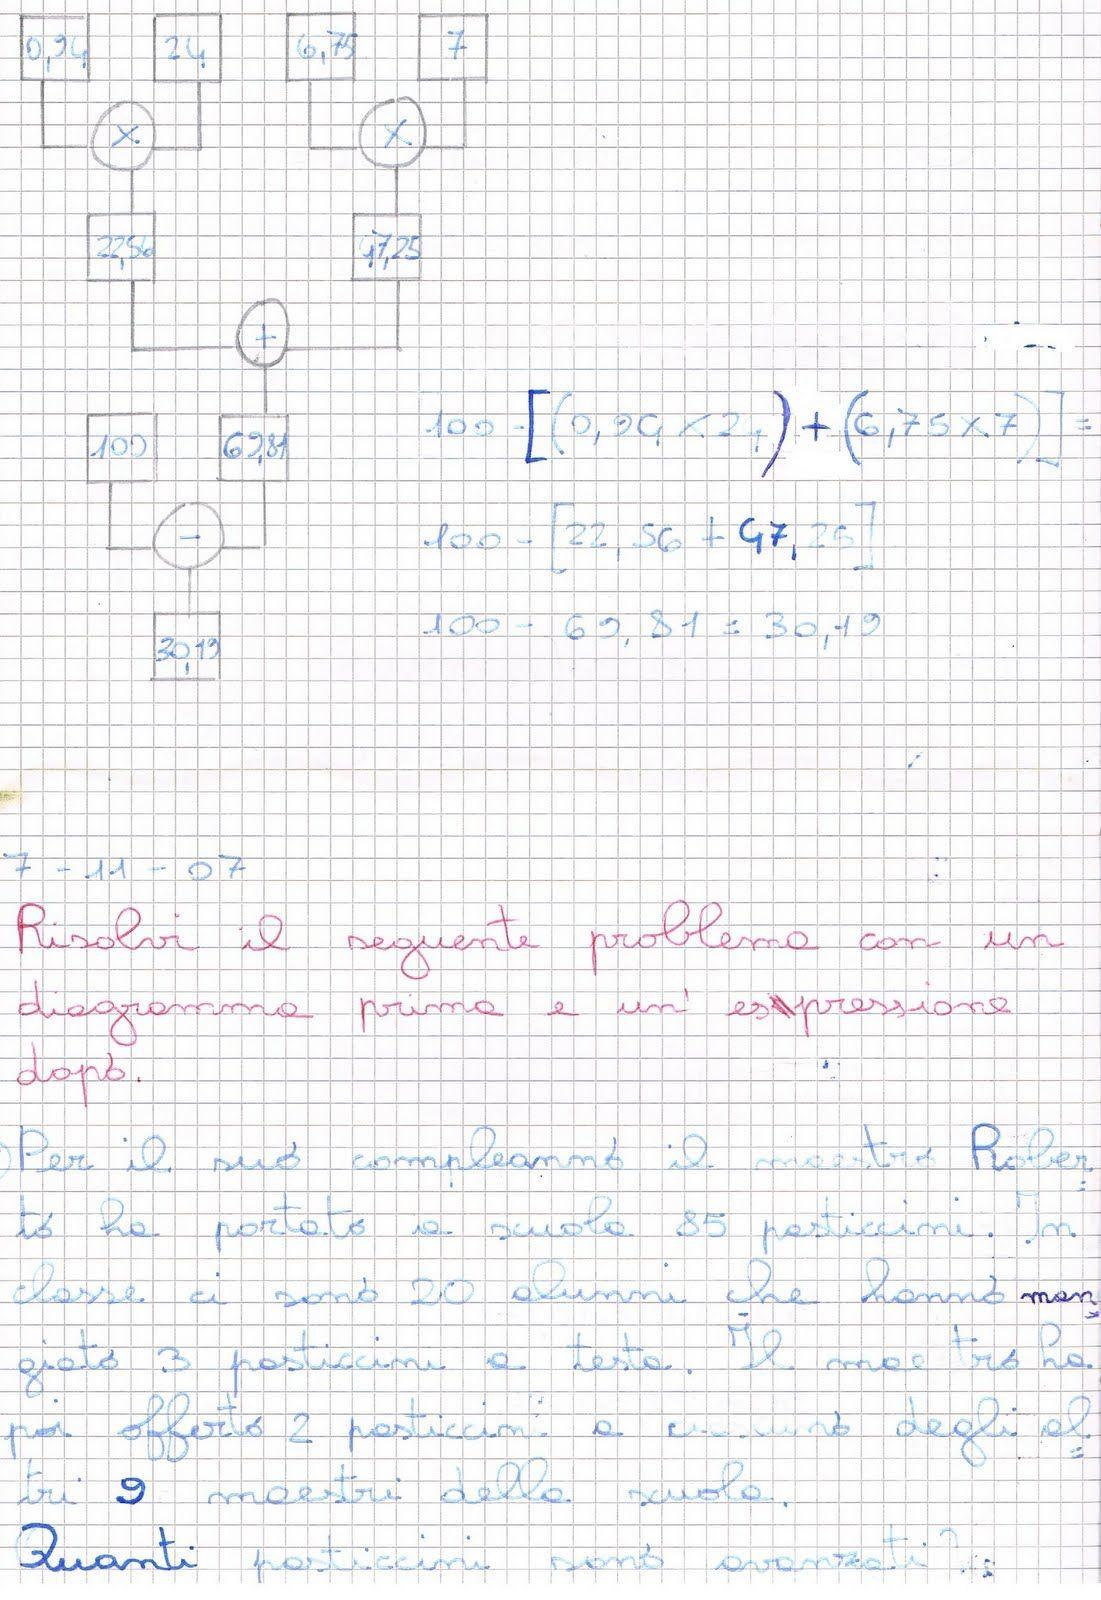 Dal Diagramma Allespressione Completa I Seguenti Schemi E Poi